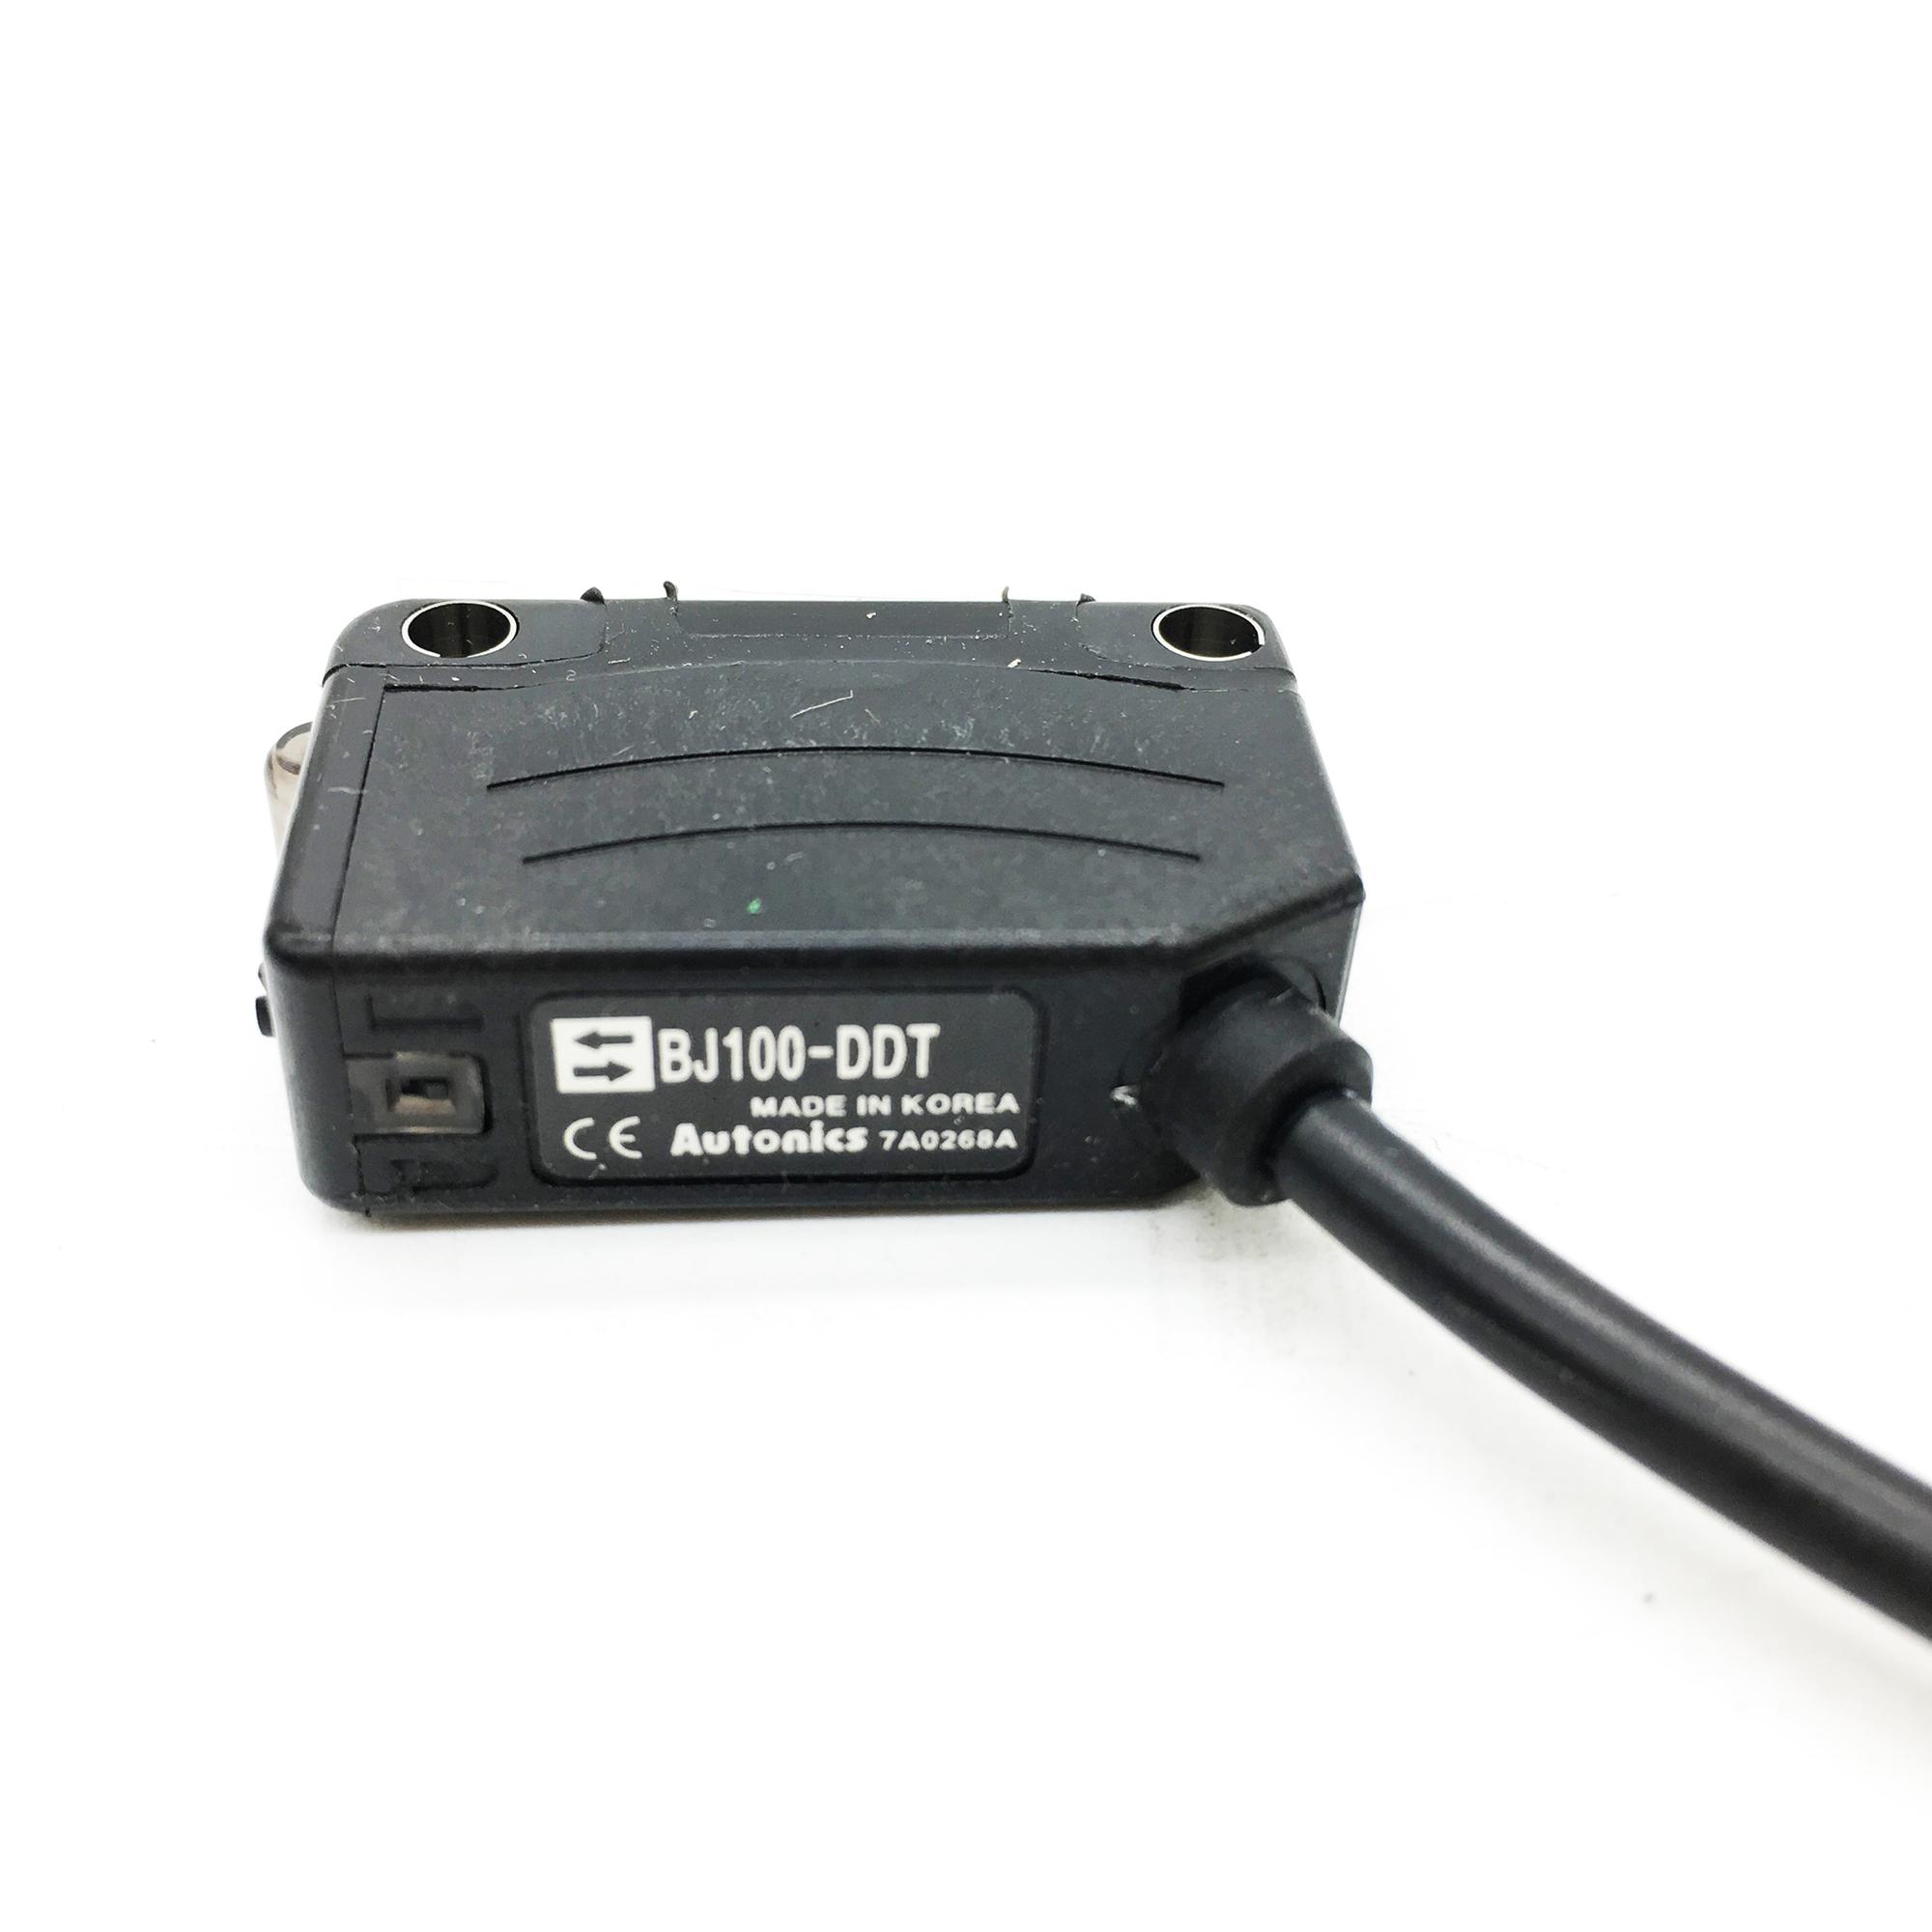 Cảm biến quang Autonics BJ100-DDT